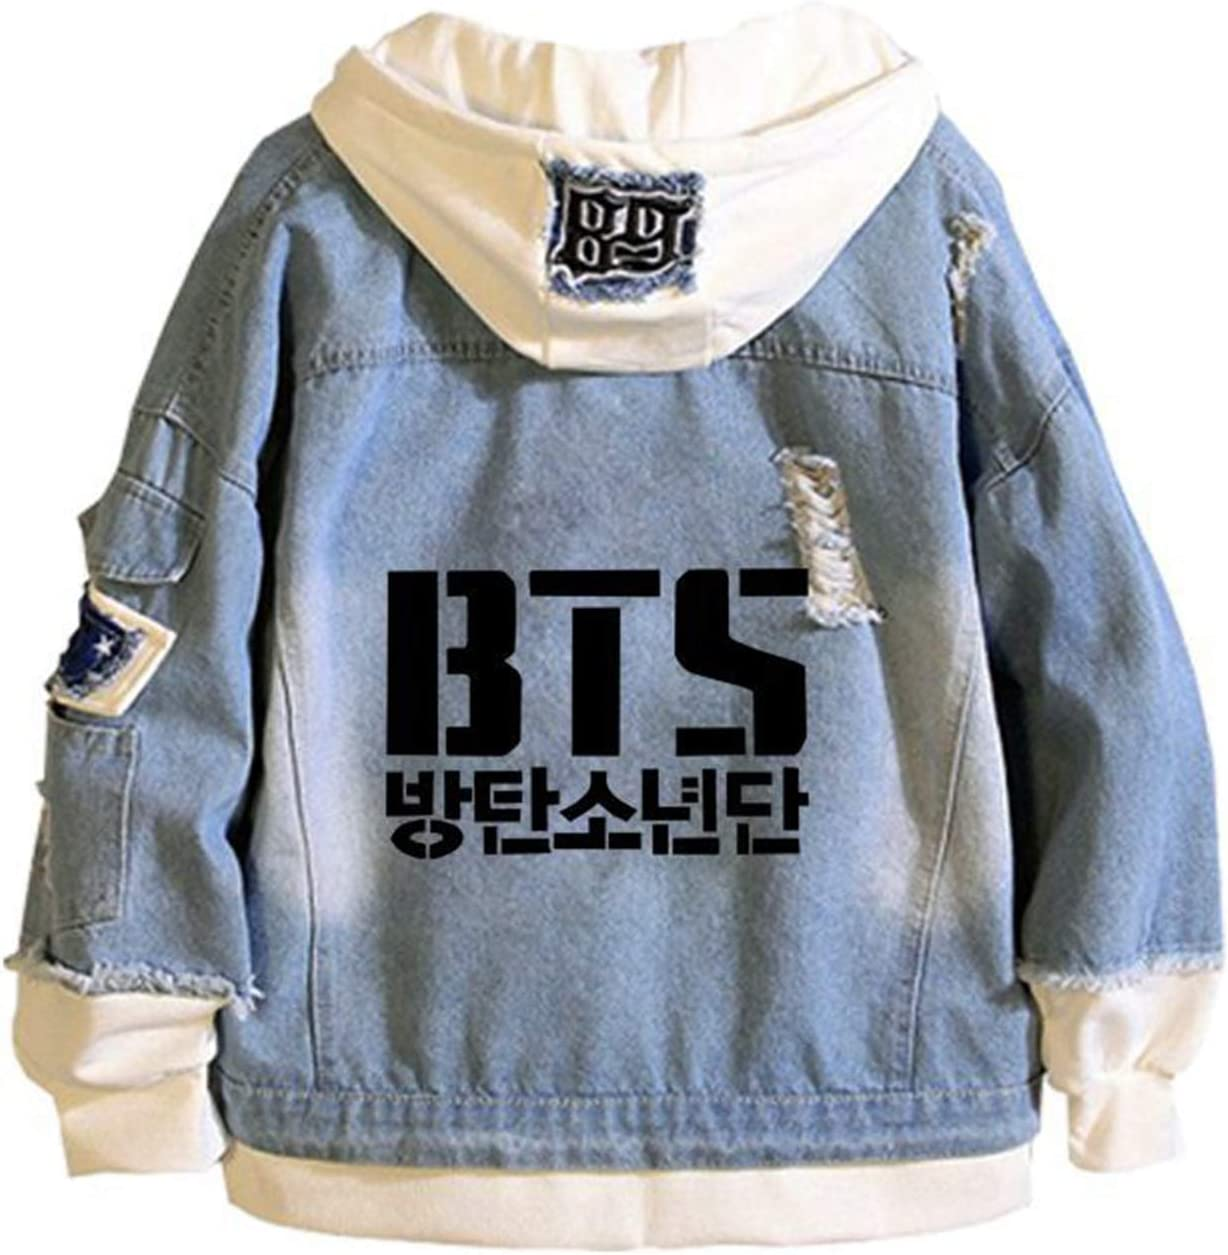 ATERAIN Kpop Denim Jacket,Jungkook Jimin Jin V Hoodie Long Sleeve Jacket Merchandise